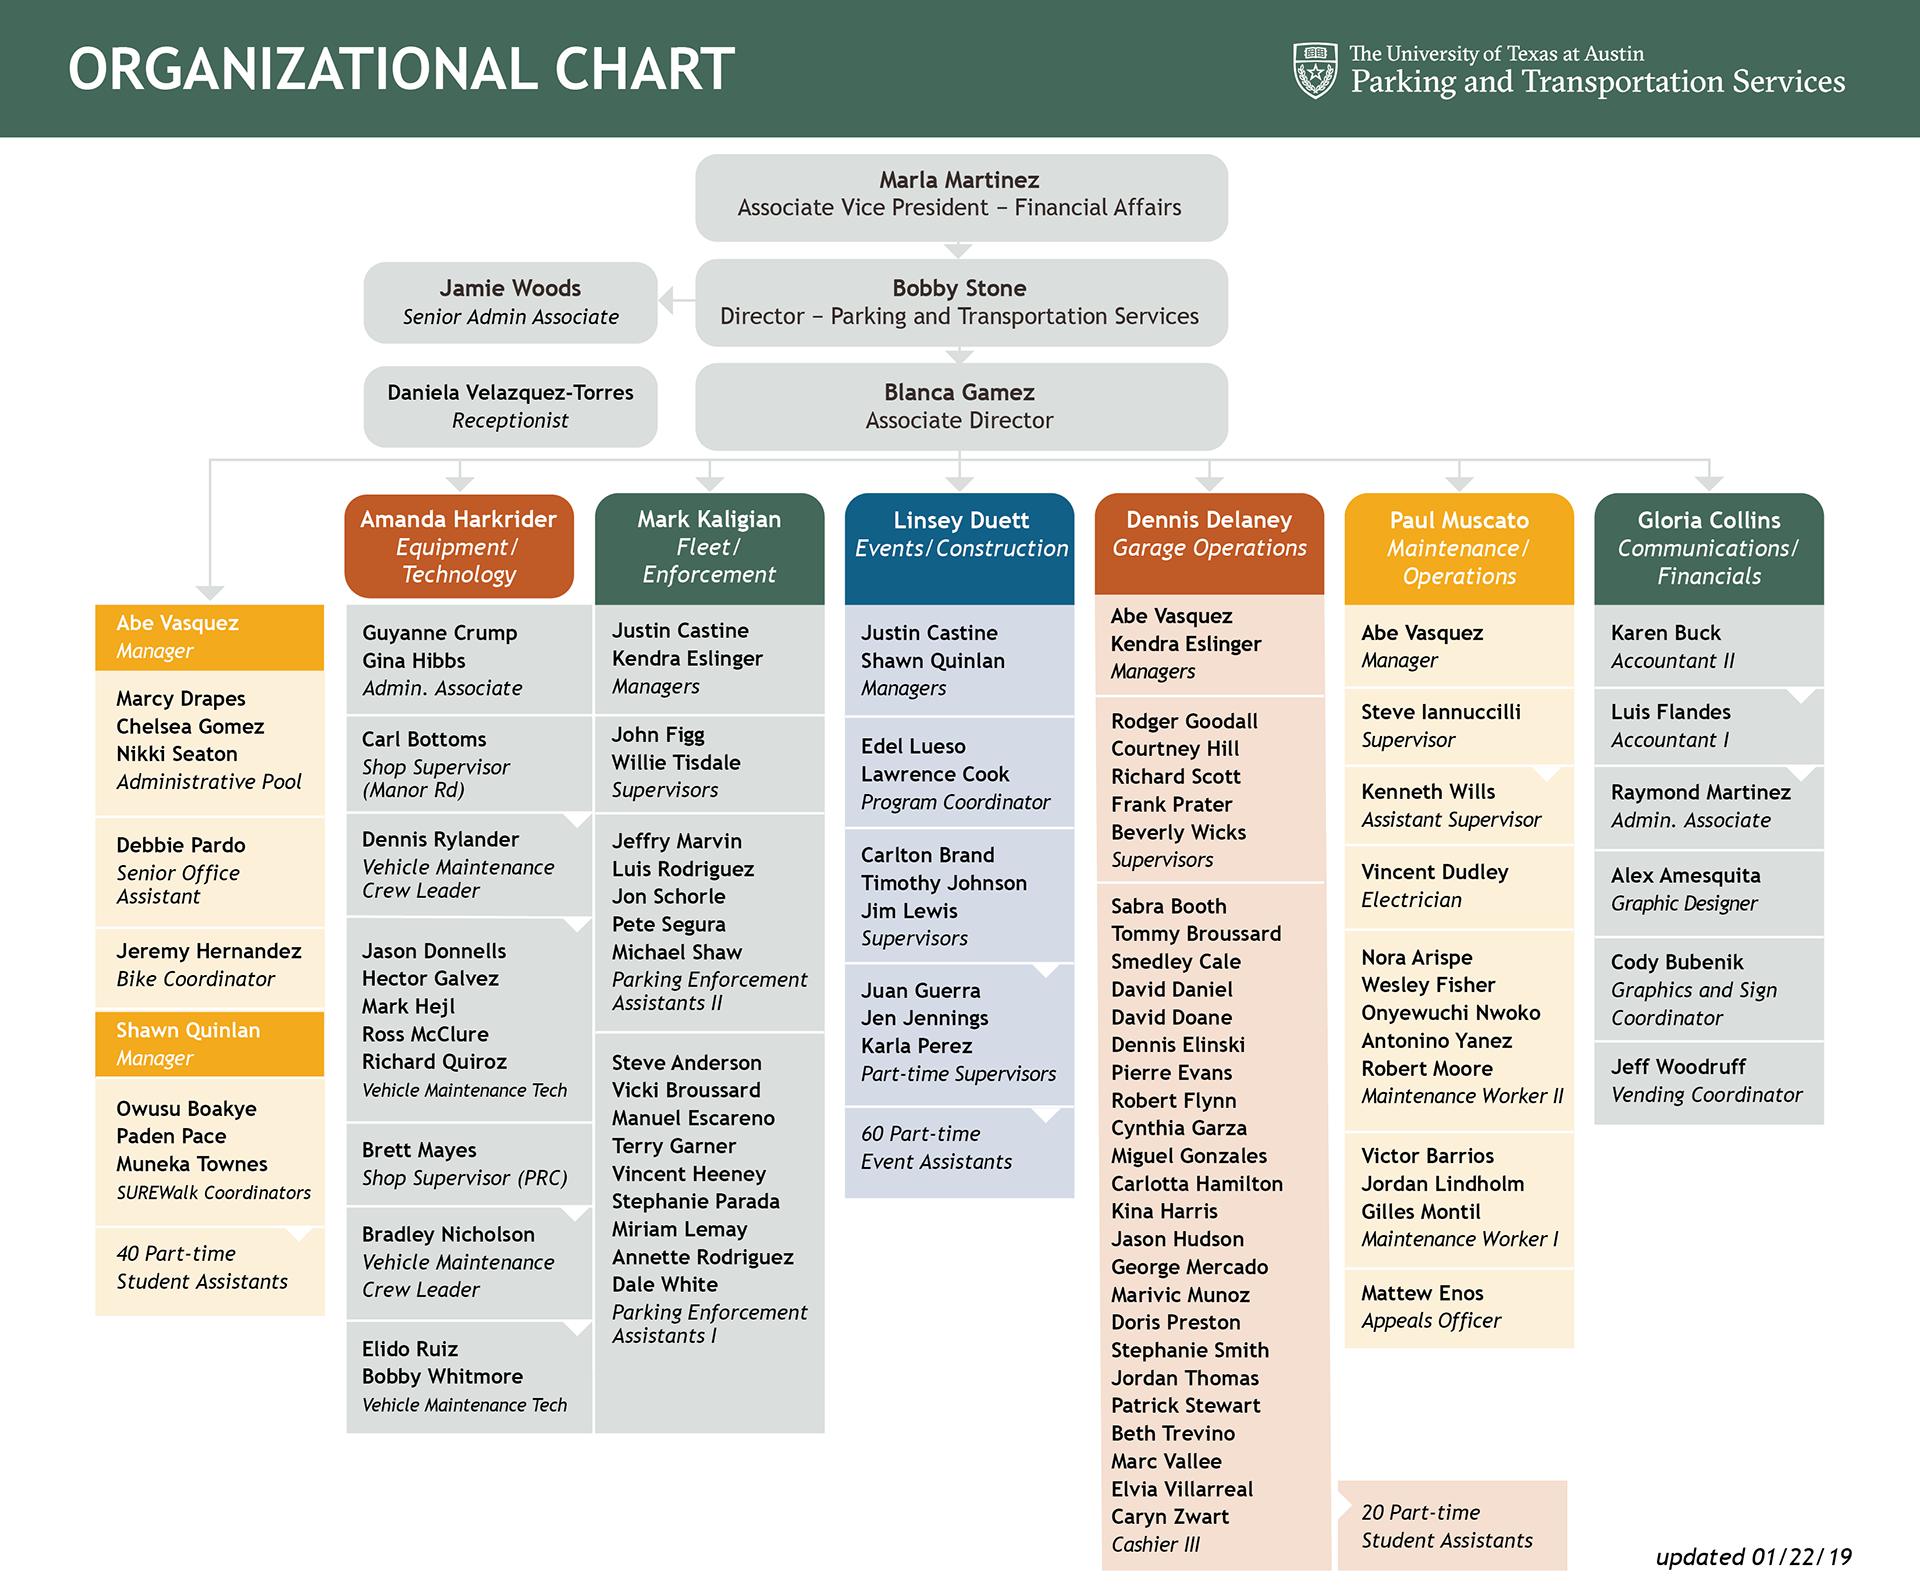 PTS organization chart